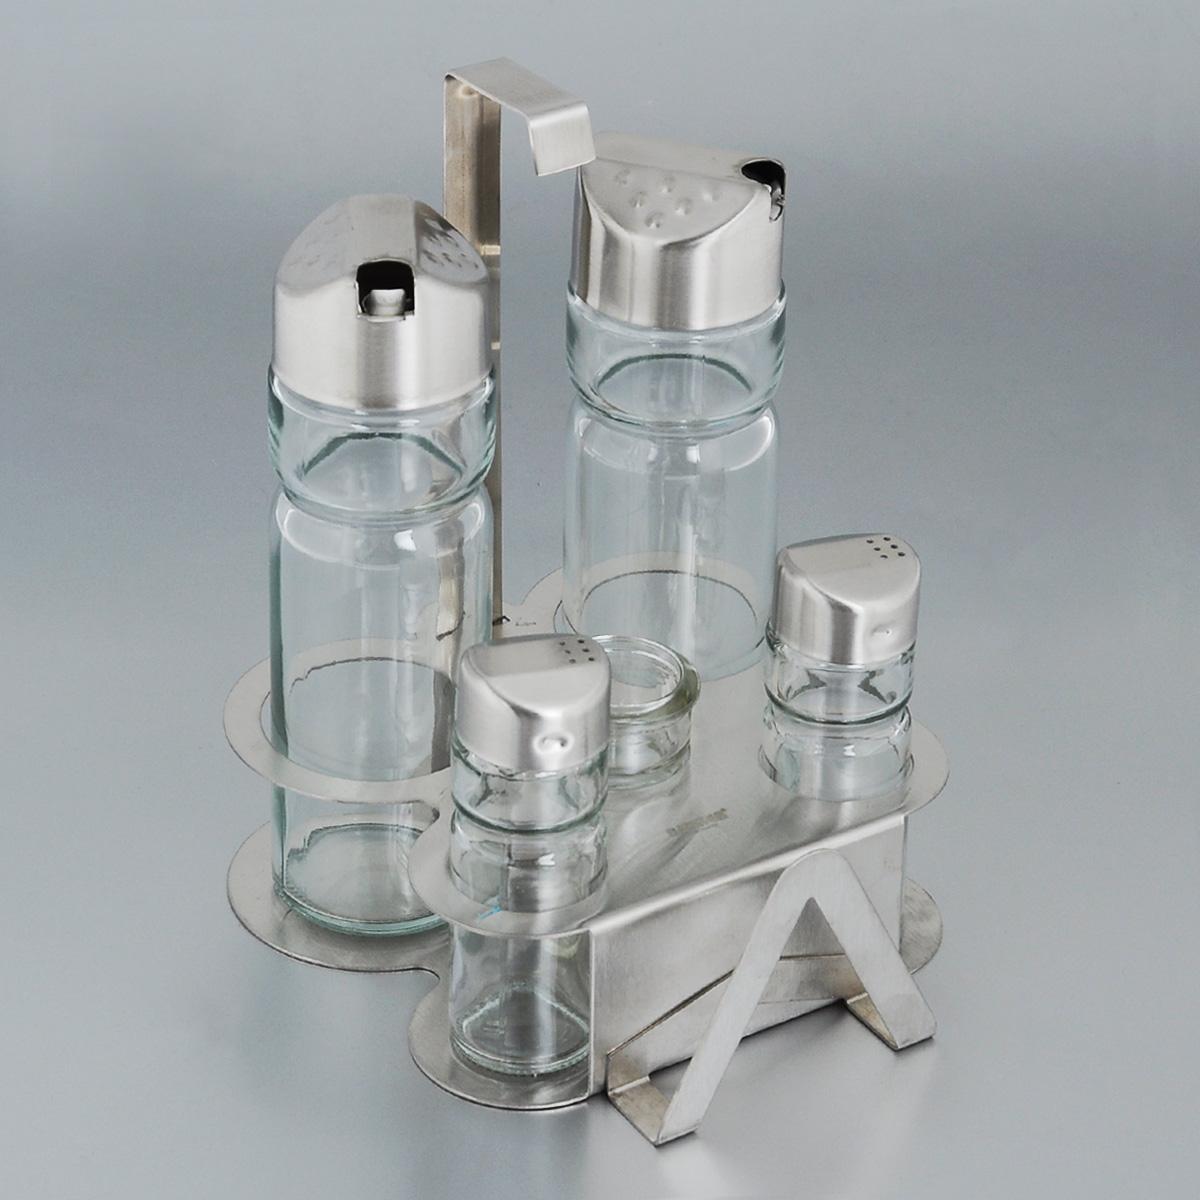 Набор для специй Bekker, 6 предметов. BK-3100 (24)Ан 0/5985Набор для специй Bekker состоит из солонки, перечницы, двух дозаторов для масла и уксуса, емкости для зубочисток и подставки. Емкости выполнены из стекла и оснащены металлическими крышками. В комплекте имеется подставка из нержавеющей стали с матовой полировкой. Подставка оснащена специальными выемками для емкостей и салфетницей.Такой набор стильно украсит кухонный стол, а благодаря качеству материалов и высококлассной обработке прослужит долгие годы.Высота солонки/перечницы: 9 см. Диаметр солонки/перечницы: 3 см. Высота емкости для зубочисток: 6 см. Диаметр емкости для зубочисток: 3 см. Высота дозаторов: 16 см. Диаметр дозаторов: 5 см. Размер подставки (ДхШхВ): 14,5 см х 14 см х 18 см. Высота солонки/перечницы: 9 см. Диаметр солонки/перечницы: 3 см. Высота емкости для зубочисток: 6 см. Диаметр емкости для зубочисток: 3 см. Высота дозаторов: 16 см. Диаметр дозаторов: 5 см. Размер подставки (ДхШхВ): 14,5 см х 14 см х 18 см.